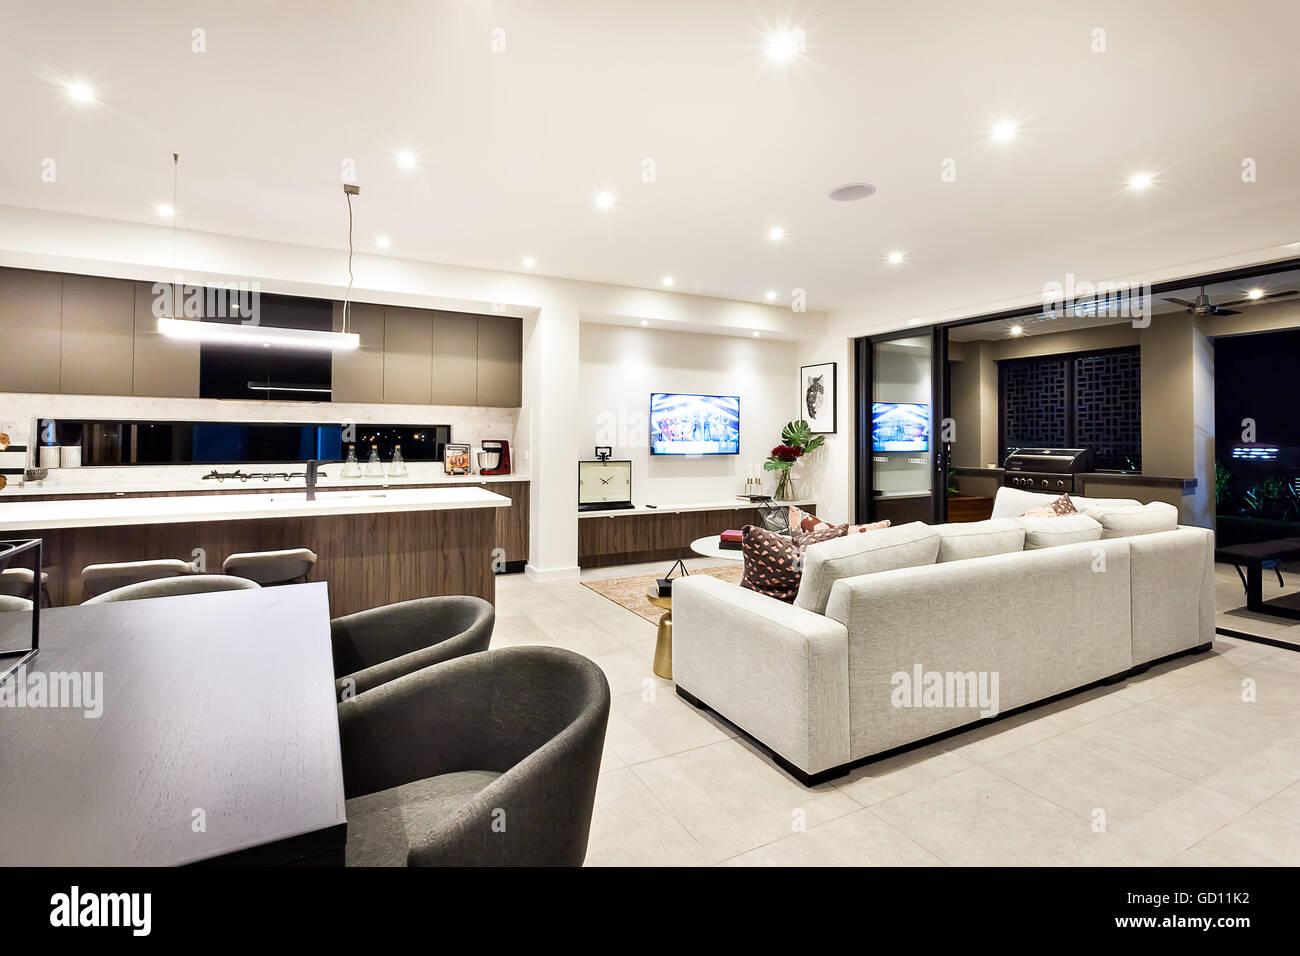 Modernes Wohnzimmer Mit Fernseher Und Sofas Und Kissen Neben Einem  Essbereich Und Küche, Es Gibt Einen Eingang Für Eine Externe